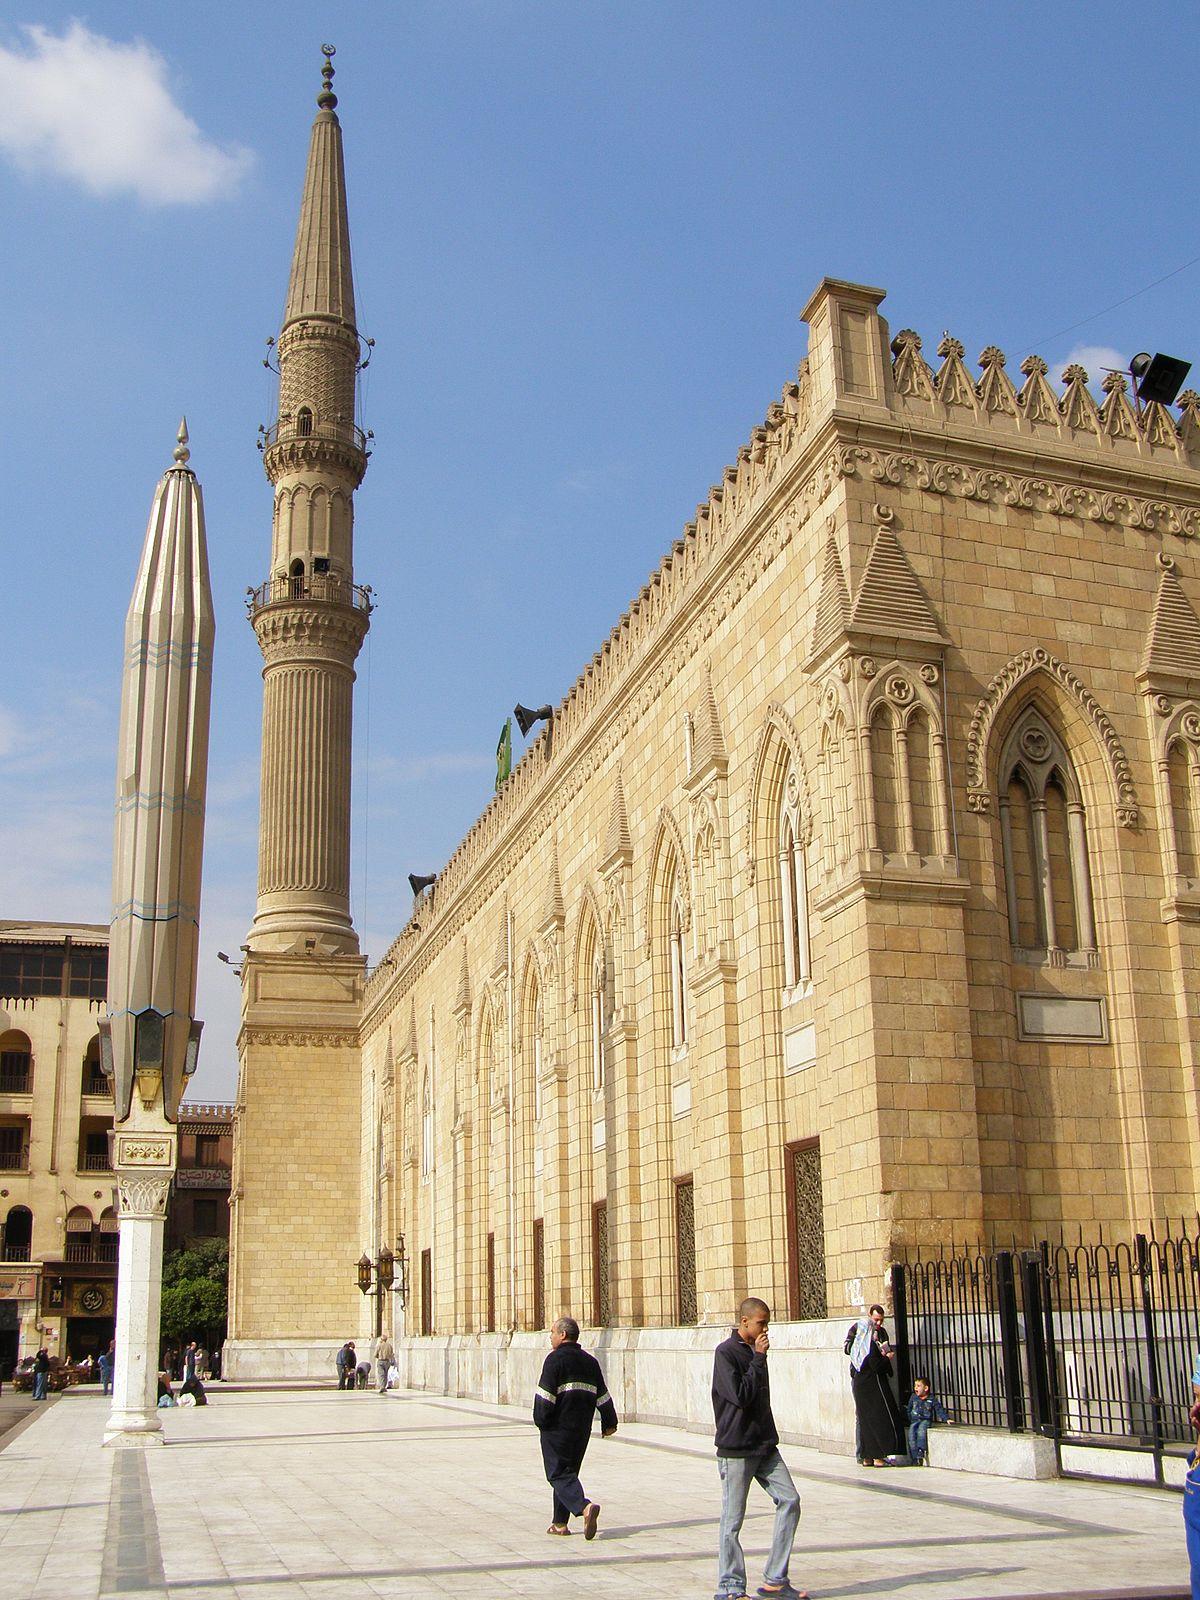 مسجد الإمام الحسين القاهرة ويكيبيديا، الموسوعة الحرة